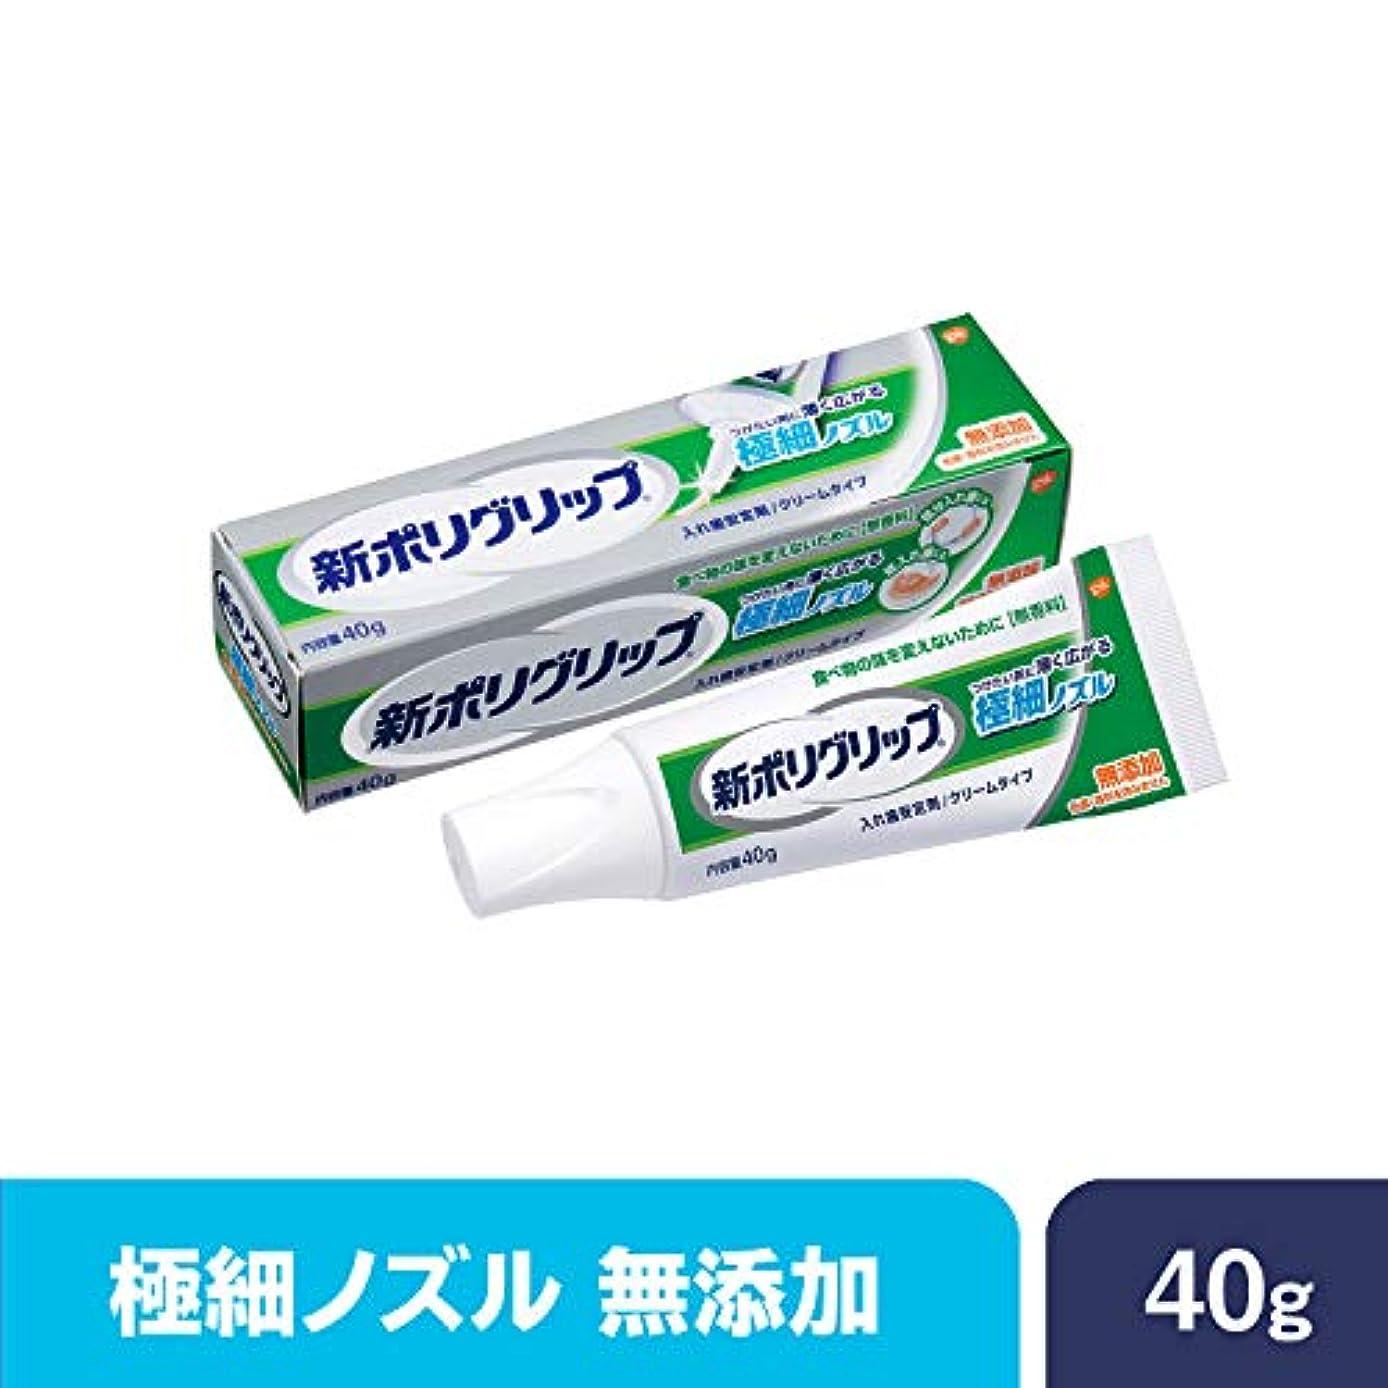 こどもセンター浴見て部分?総入れ歯安定剤 新ポリグリップ極細ノズル 無添加 40g